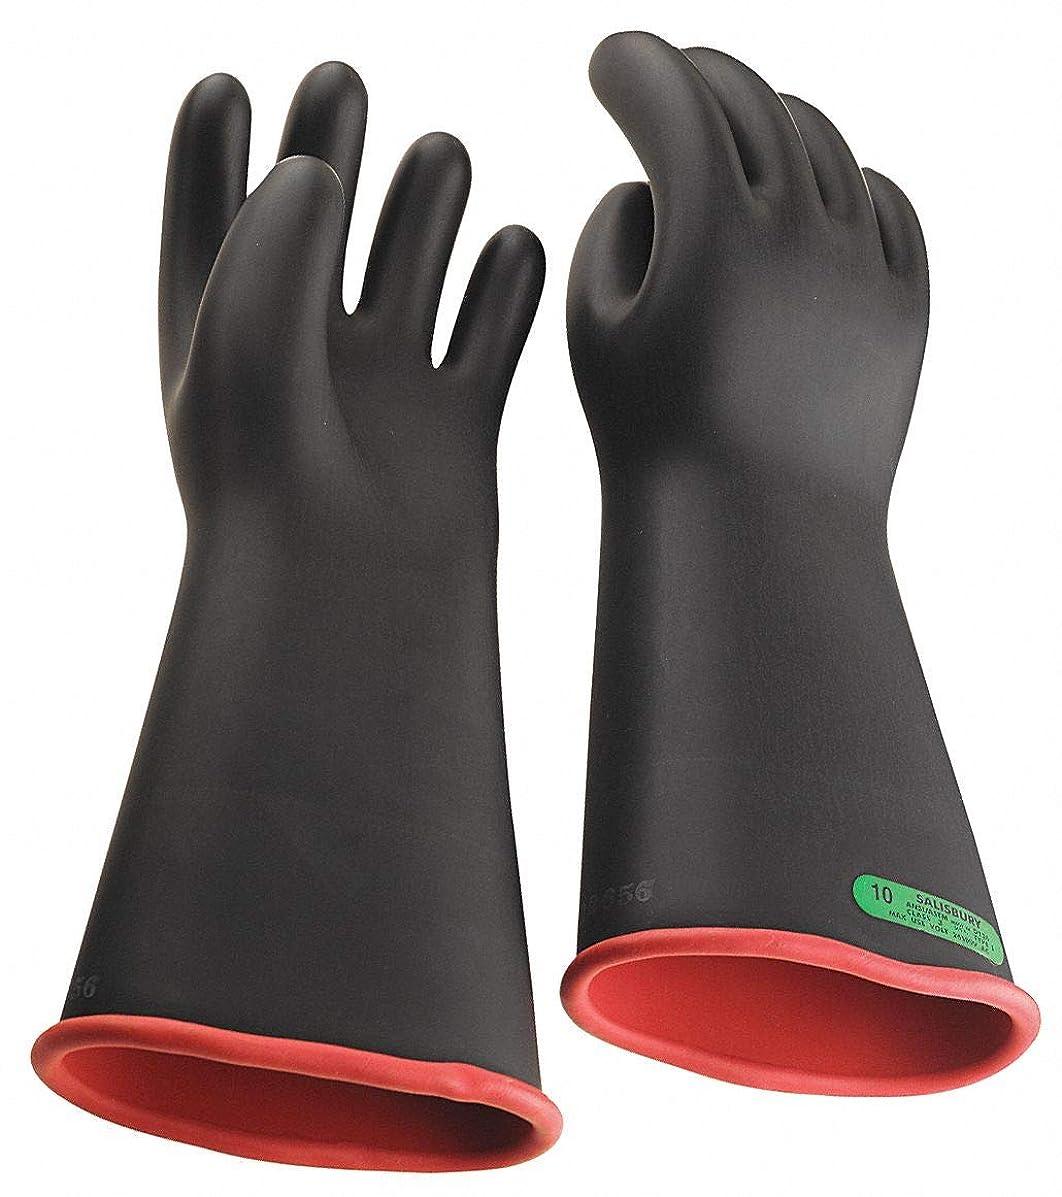 絶滅白い行くブラックexteriorx2?F ;レッド内部電気手袋、天然ゴム、3クラス、サイズ10?–?1?x 2?F ; 2?–?1各